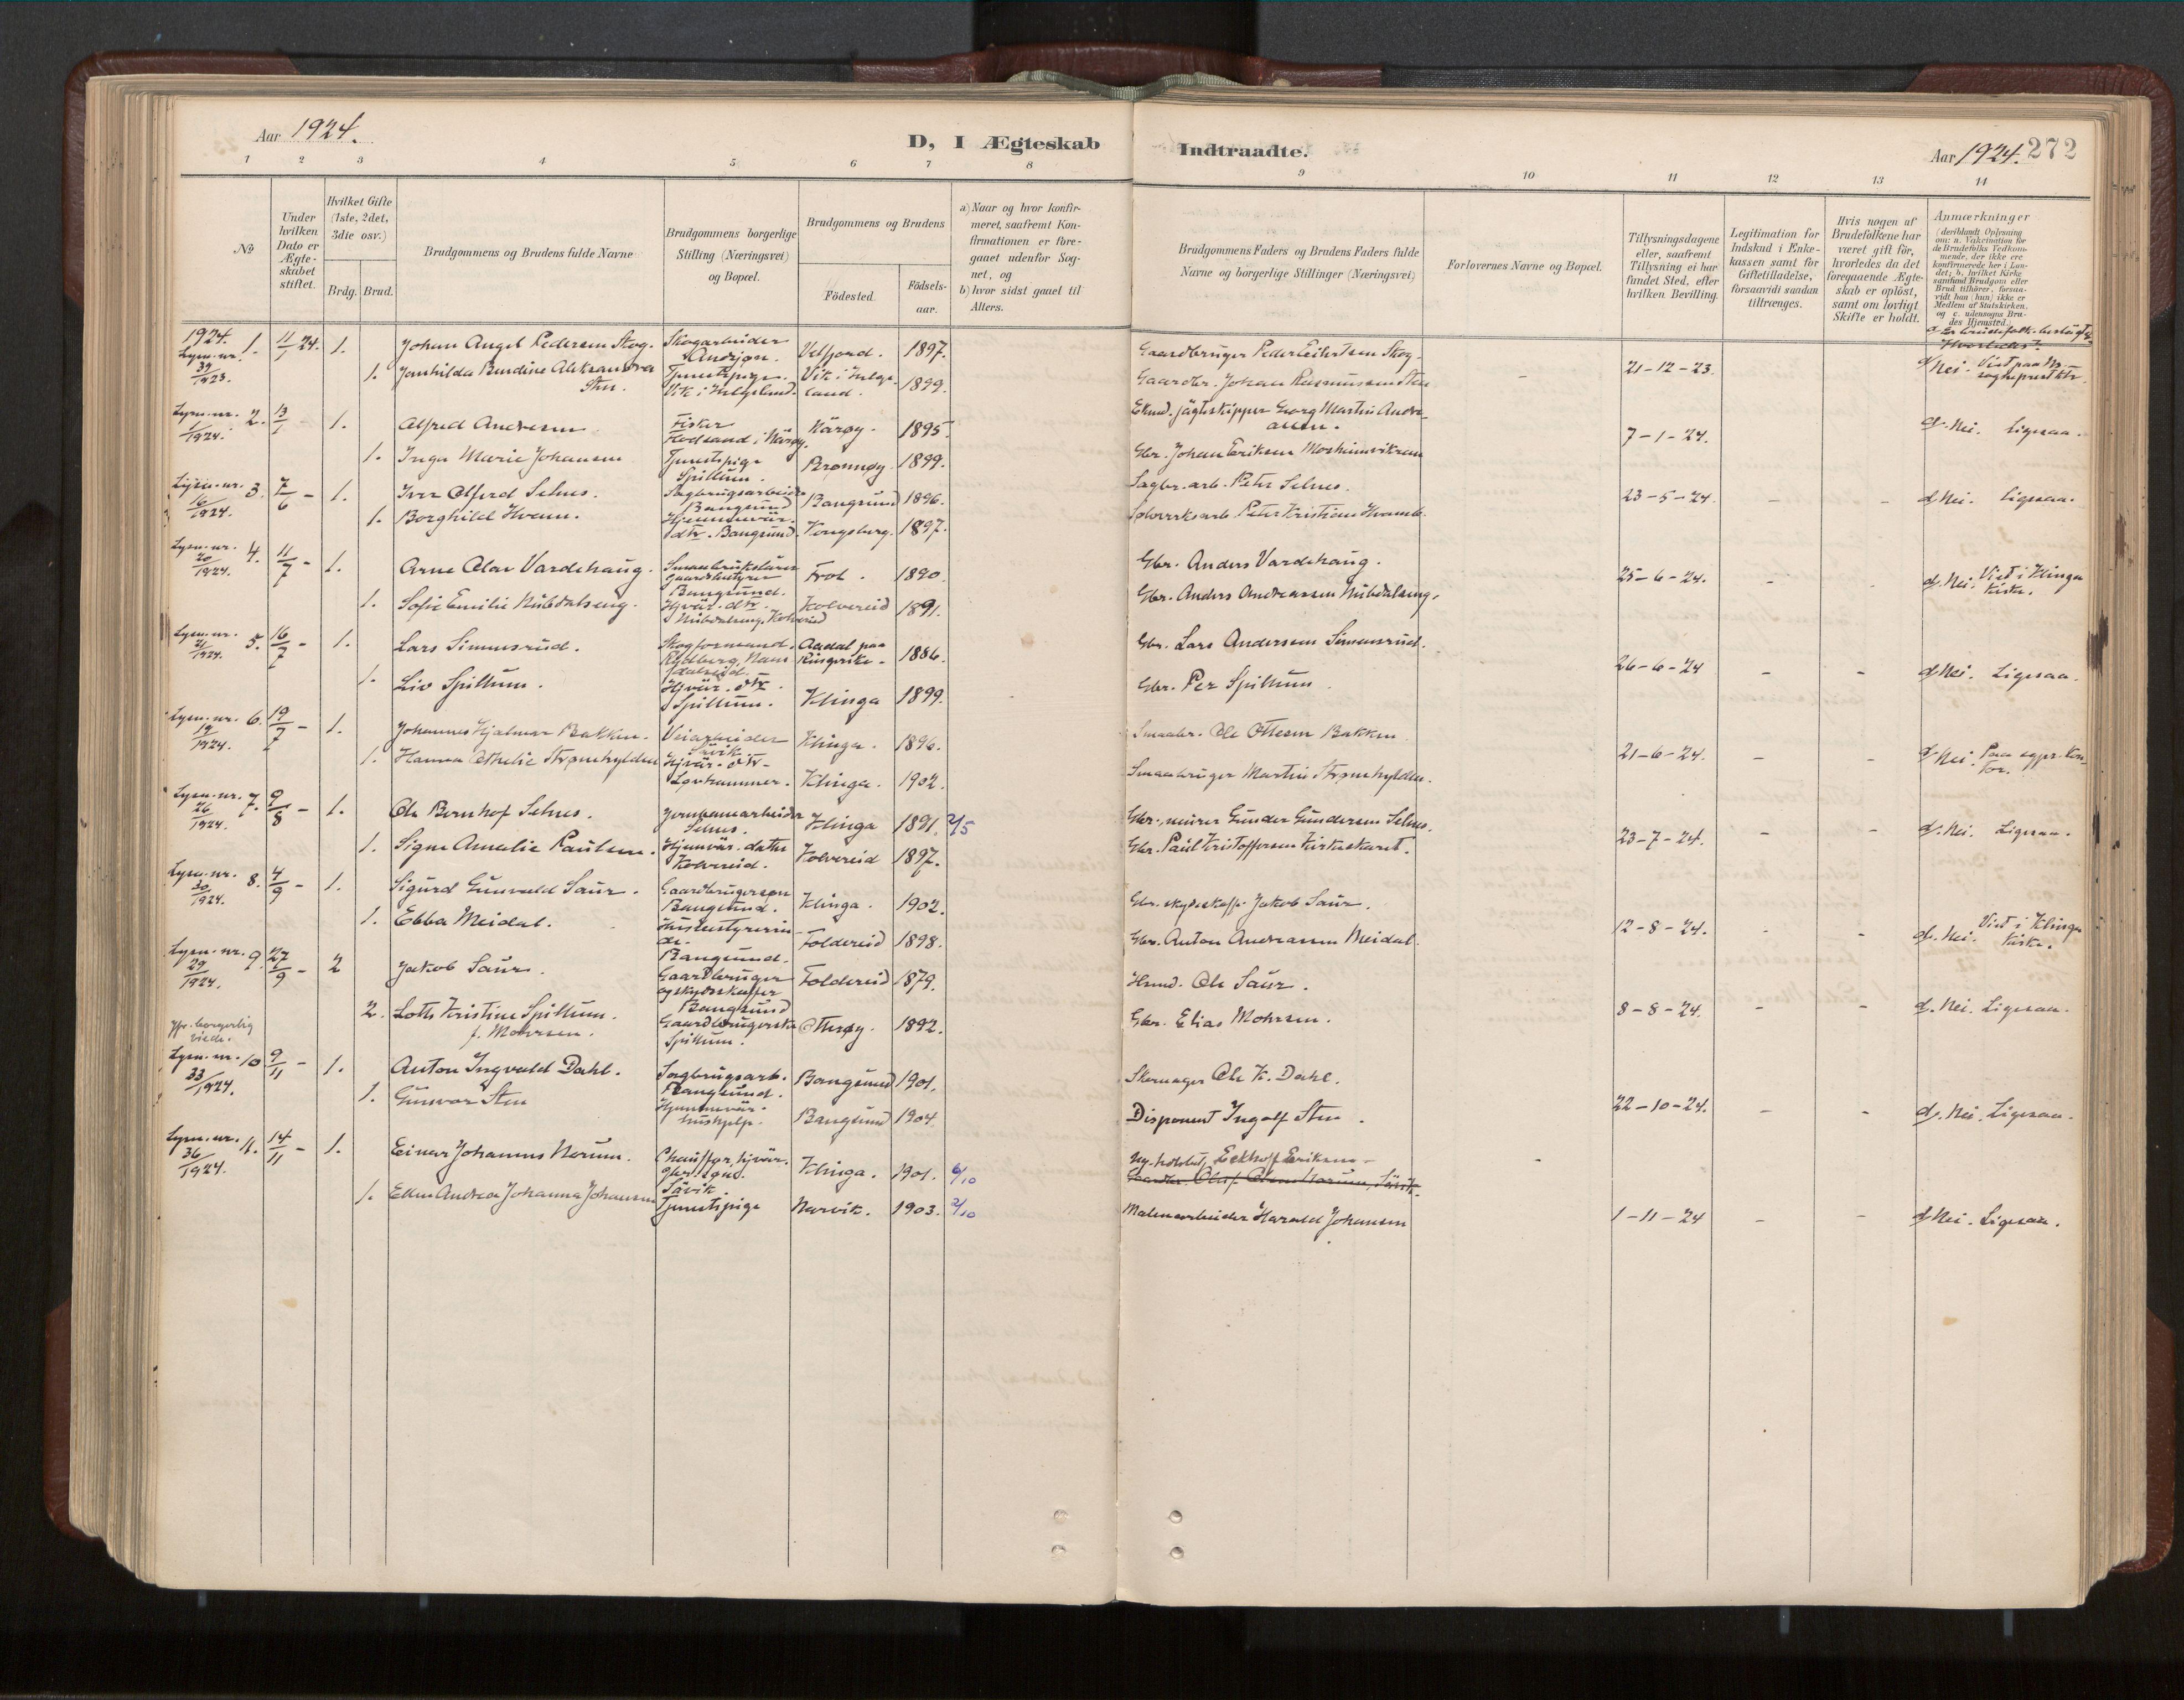 SAT, Ministerialprotokoller, klokkerbøker og fødselsregistre - Nord-Trøndelag, 770/L0589: Ministerialbok nr. 770A03, 1887-1929, s. 272